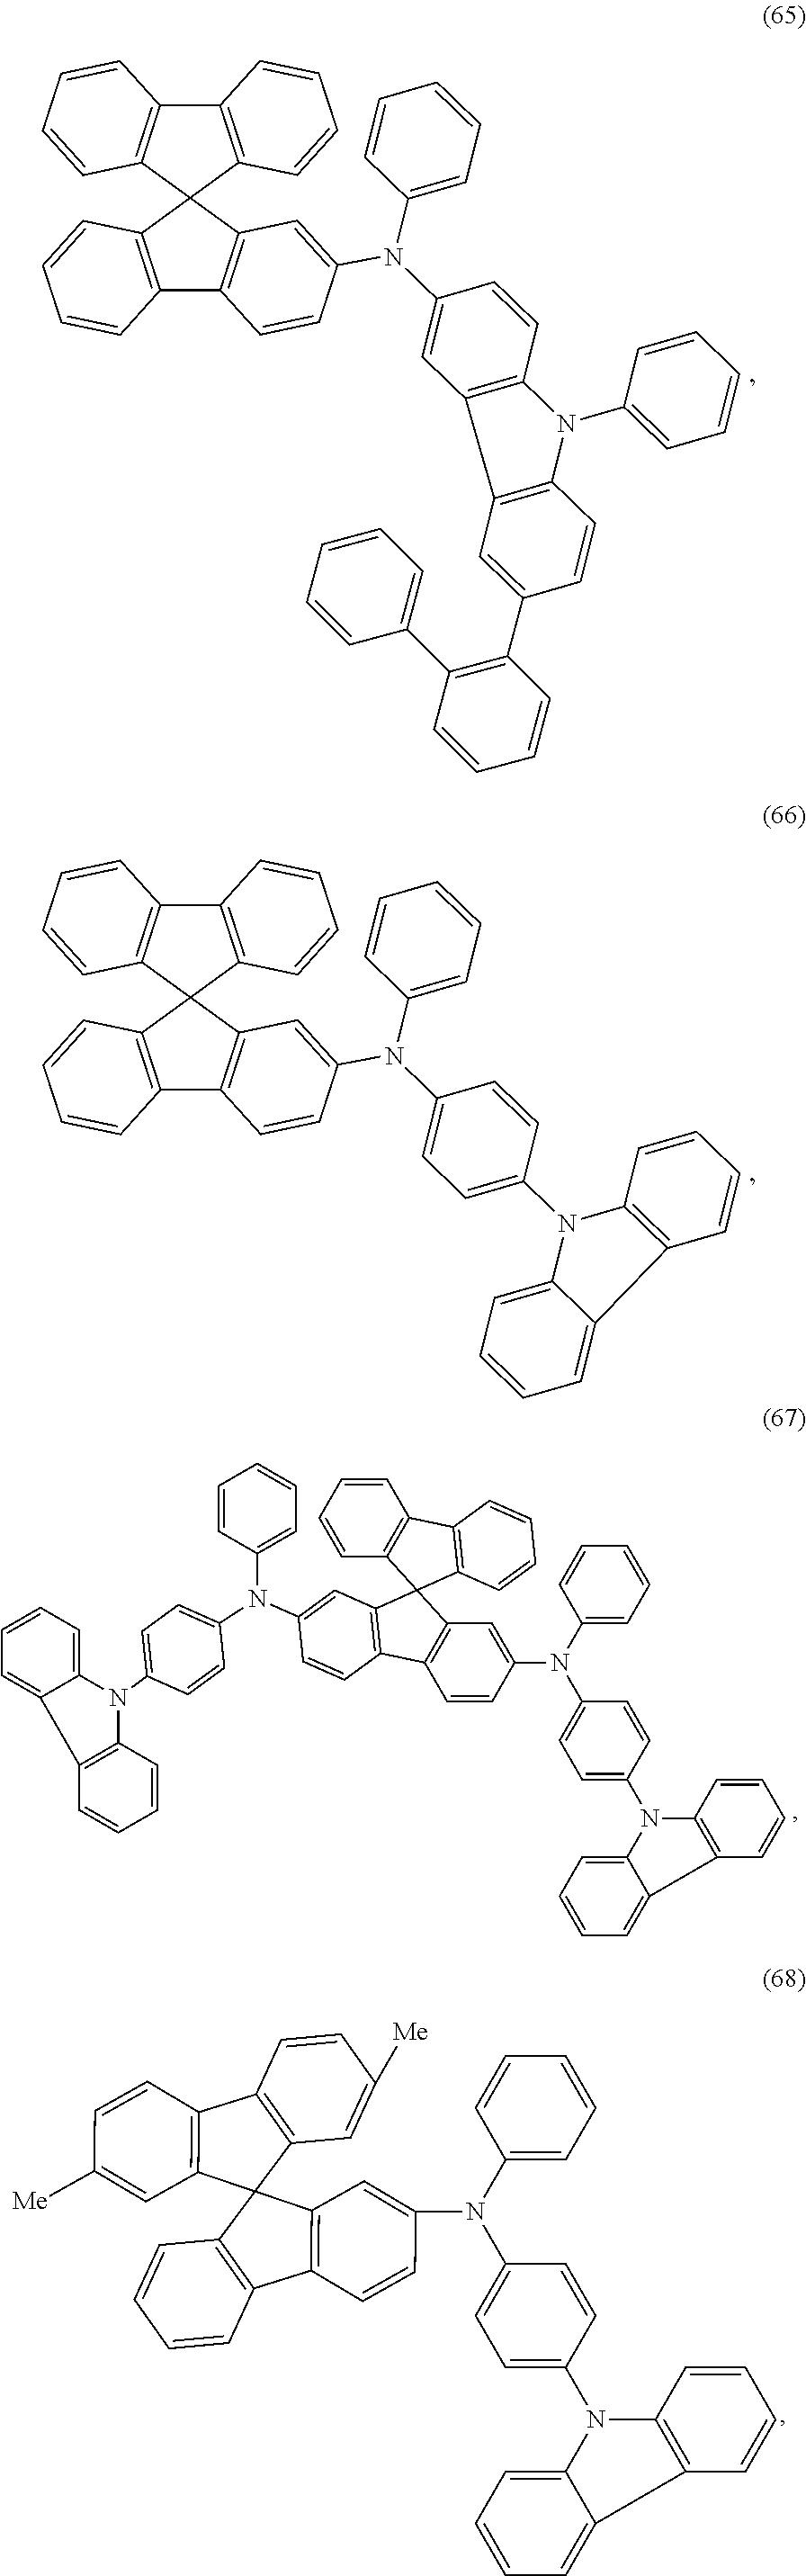 Figure US08704212-20140422-C00058